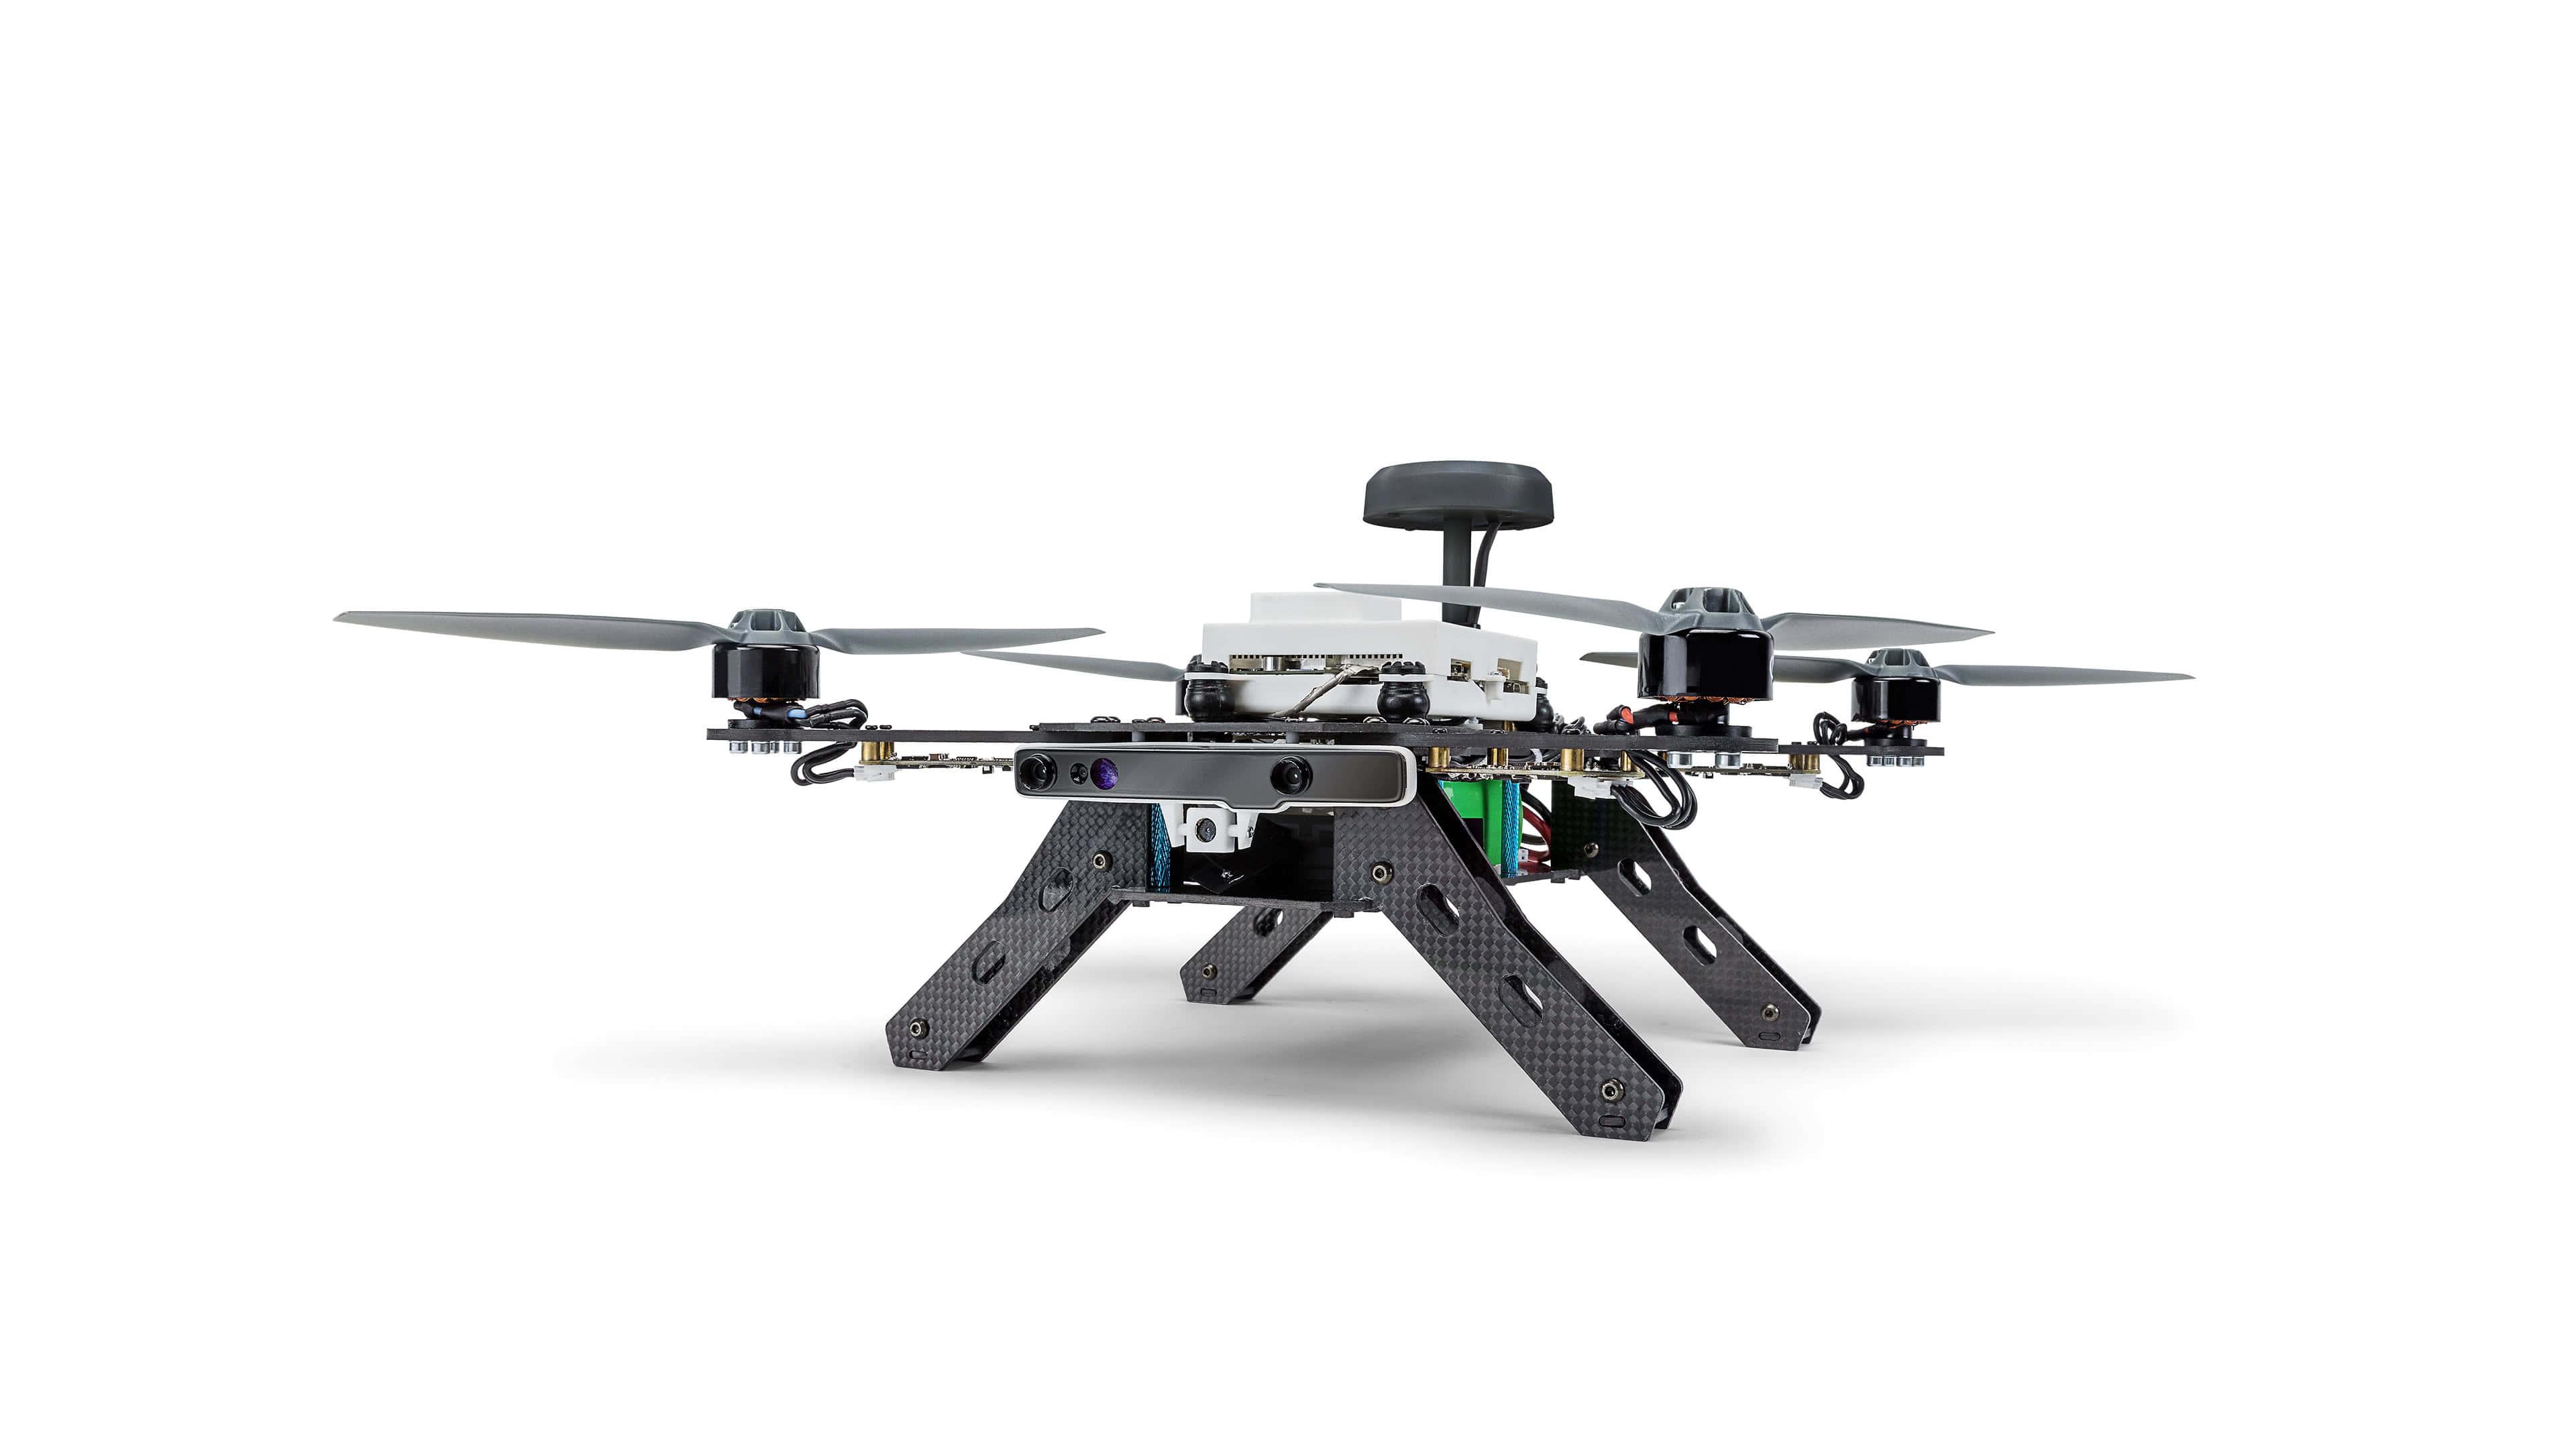 Intel Aero Ready To Fly Drone Uhd 4k Wallpaper